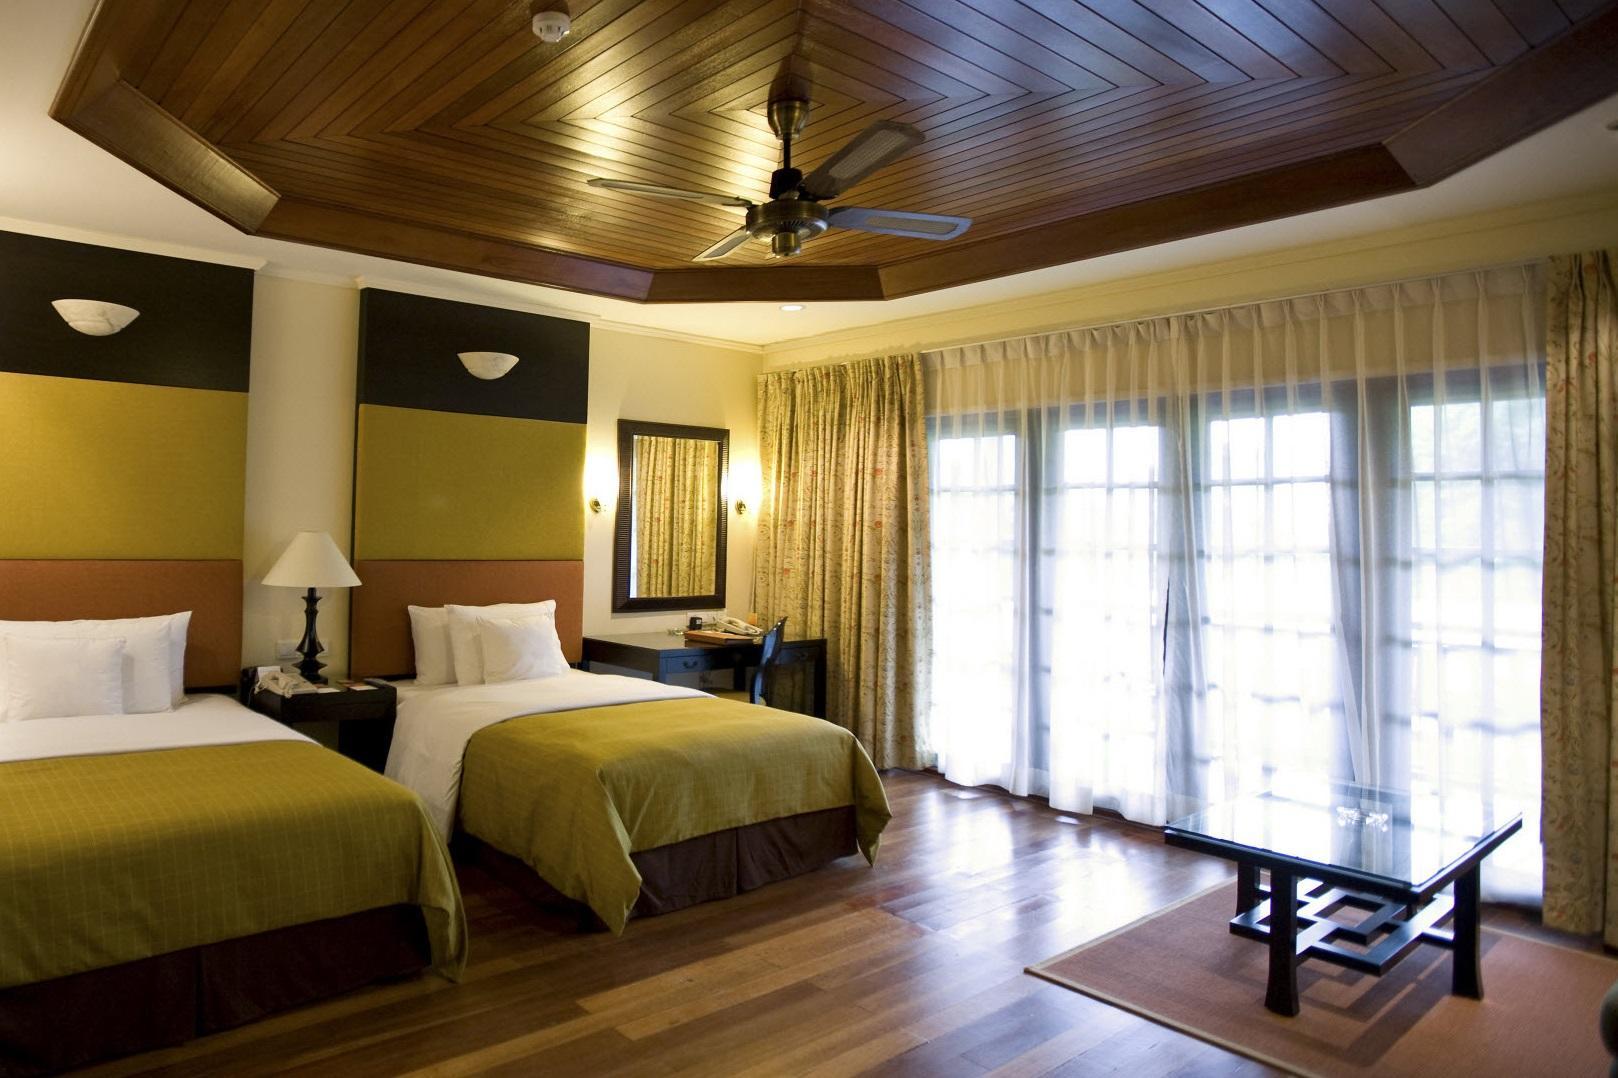 Деревянные потолки подойдут под любой интерьер и подчеркнут самые изысканные дизайнерские идеи